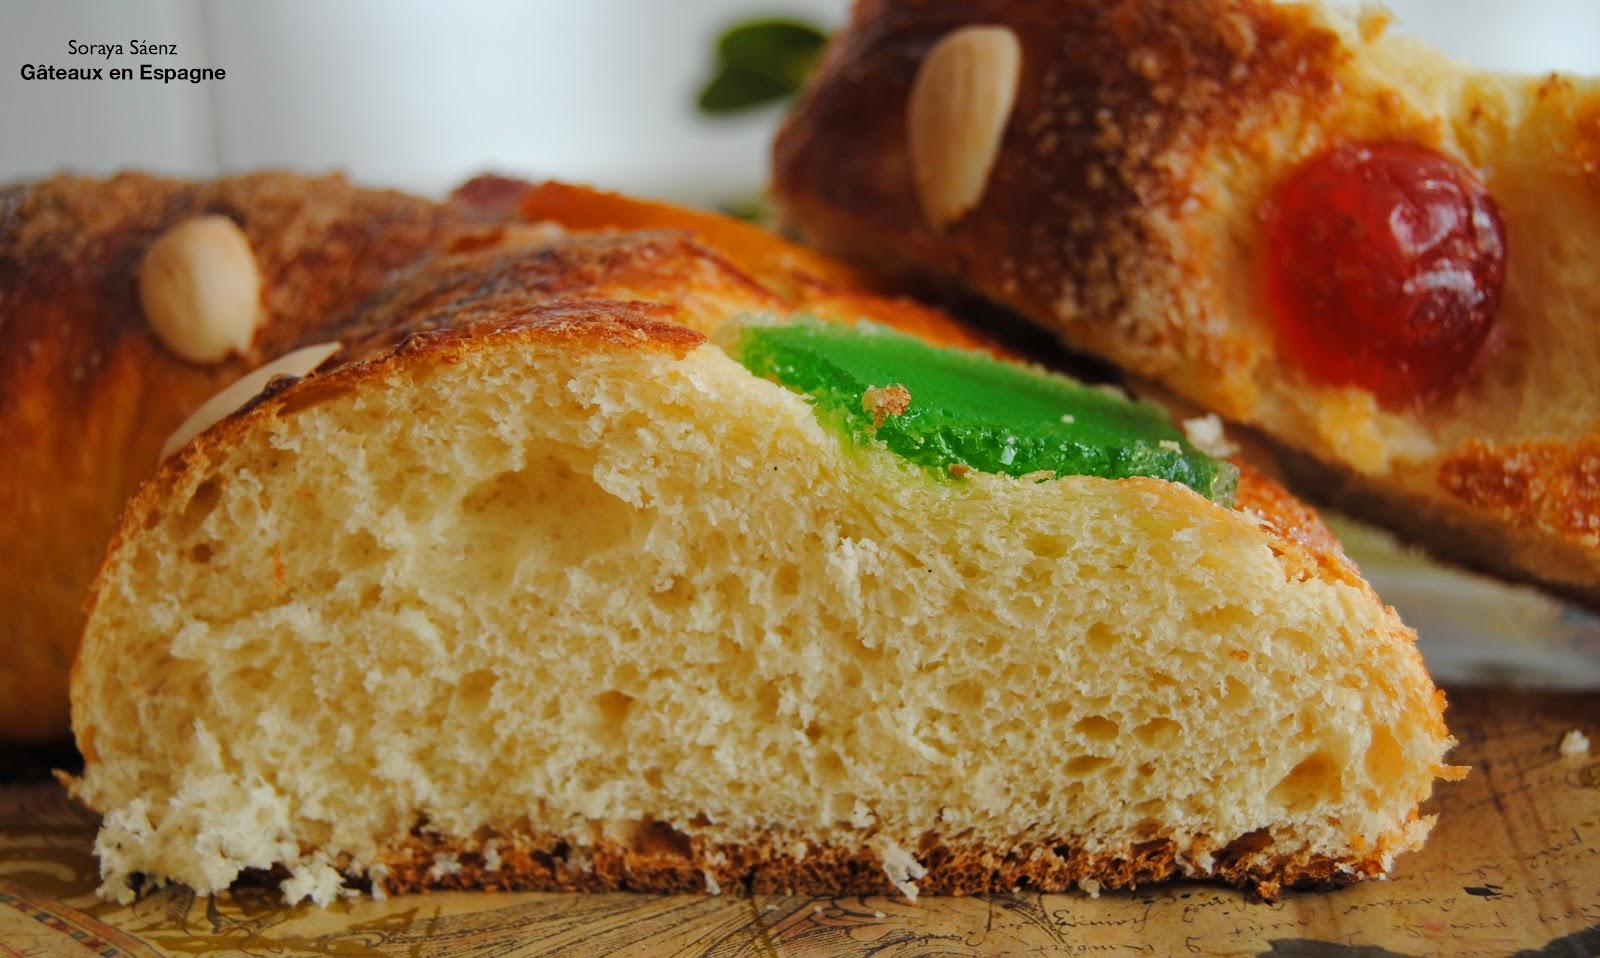 G teaux en espagne recette facile de brioche des rois la fleur d 39 oranger et aux fruits confits - Recette facile a faire sans four ...